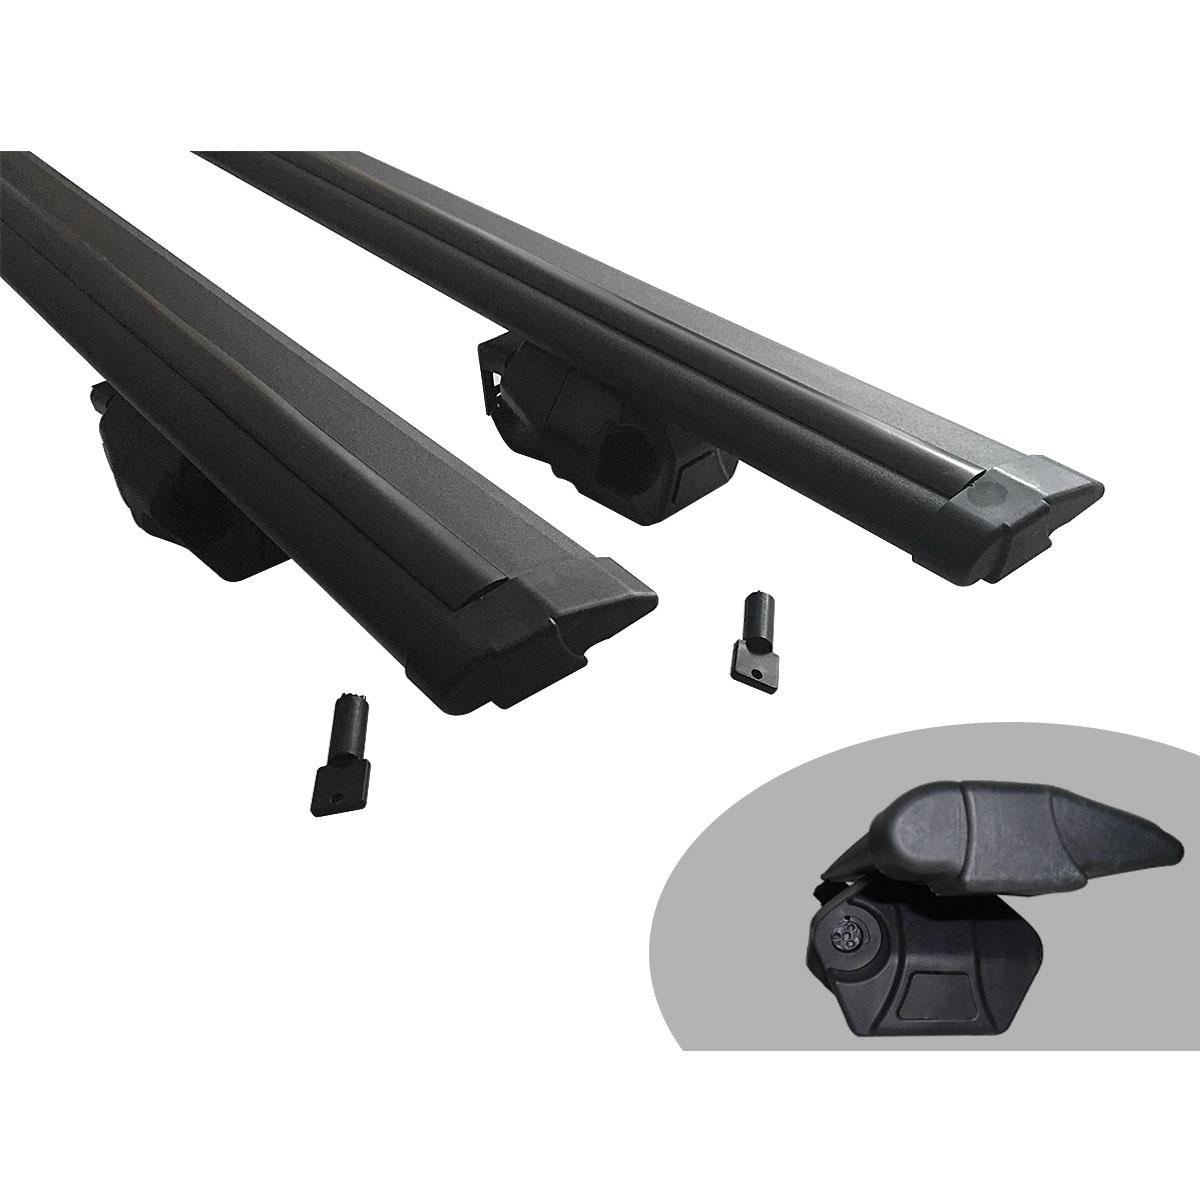 Travessa rack de teto Procargo preta Crossfox 2010 a 2017 com trava de segurança